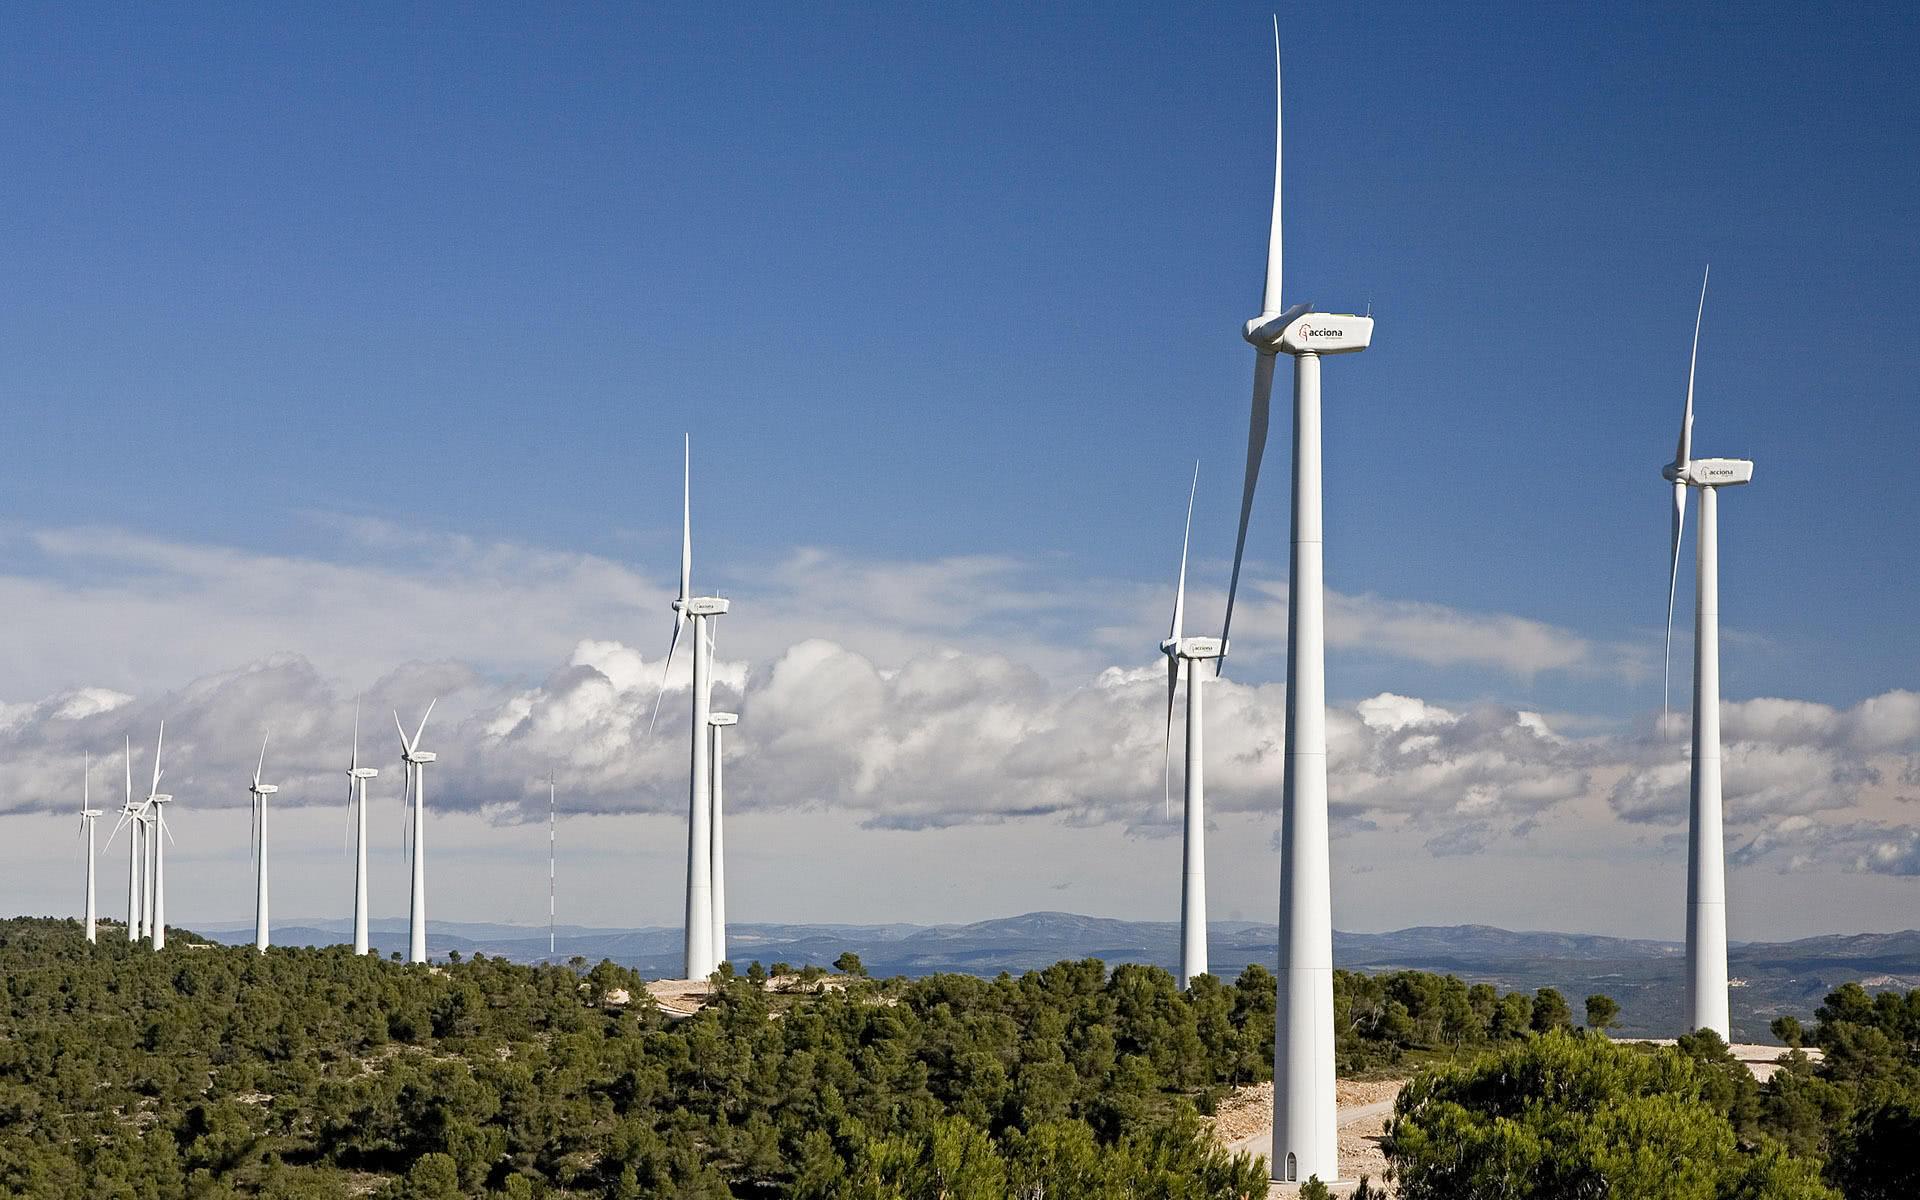 为何风力发电机转动速度这么慢,还能大量发电呢?看完大开眼界